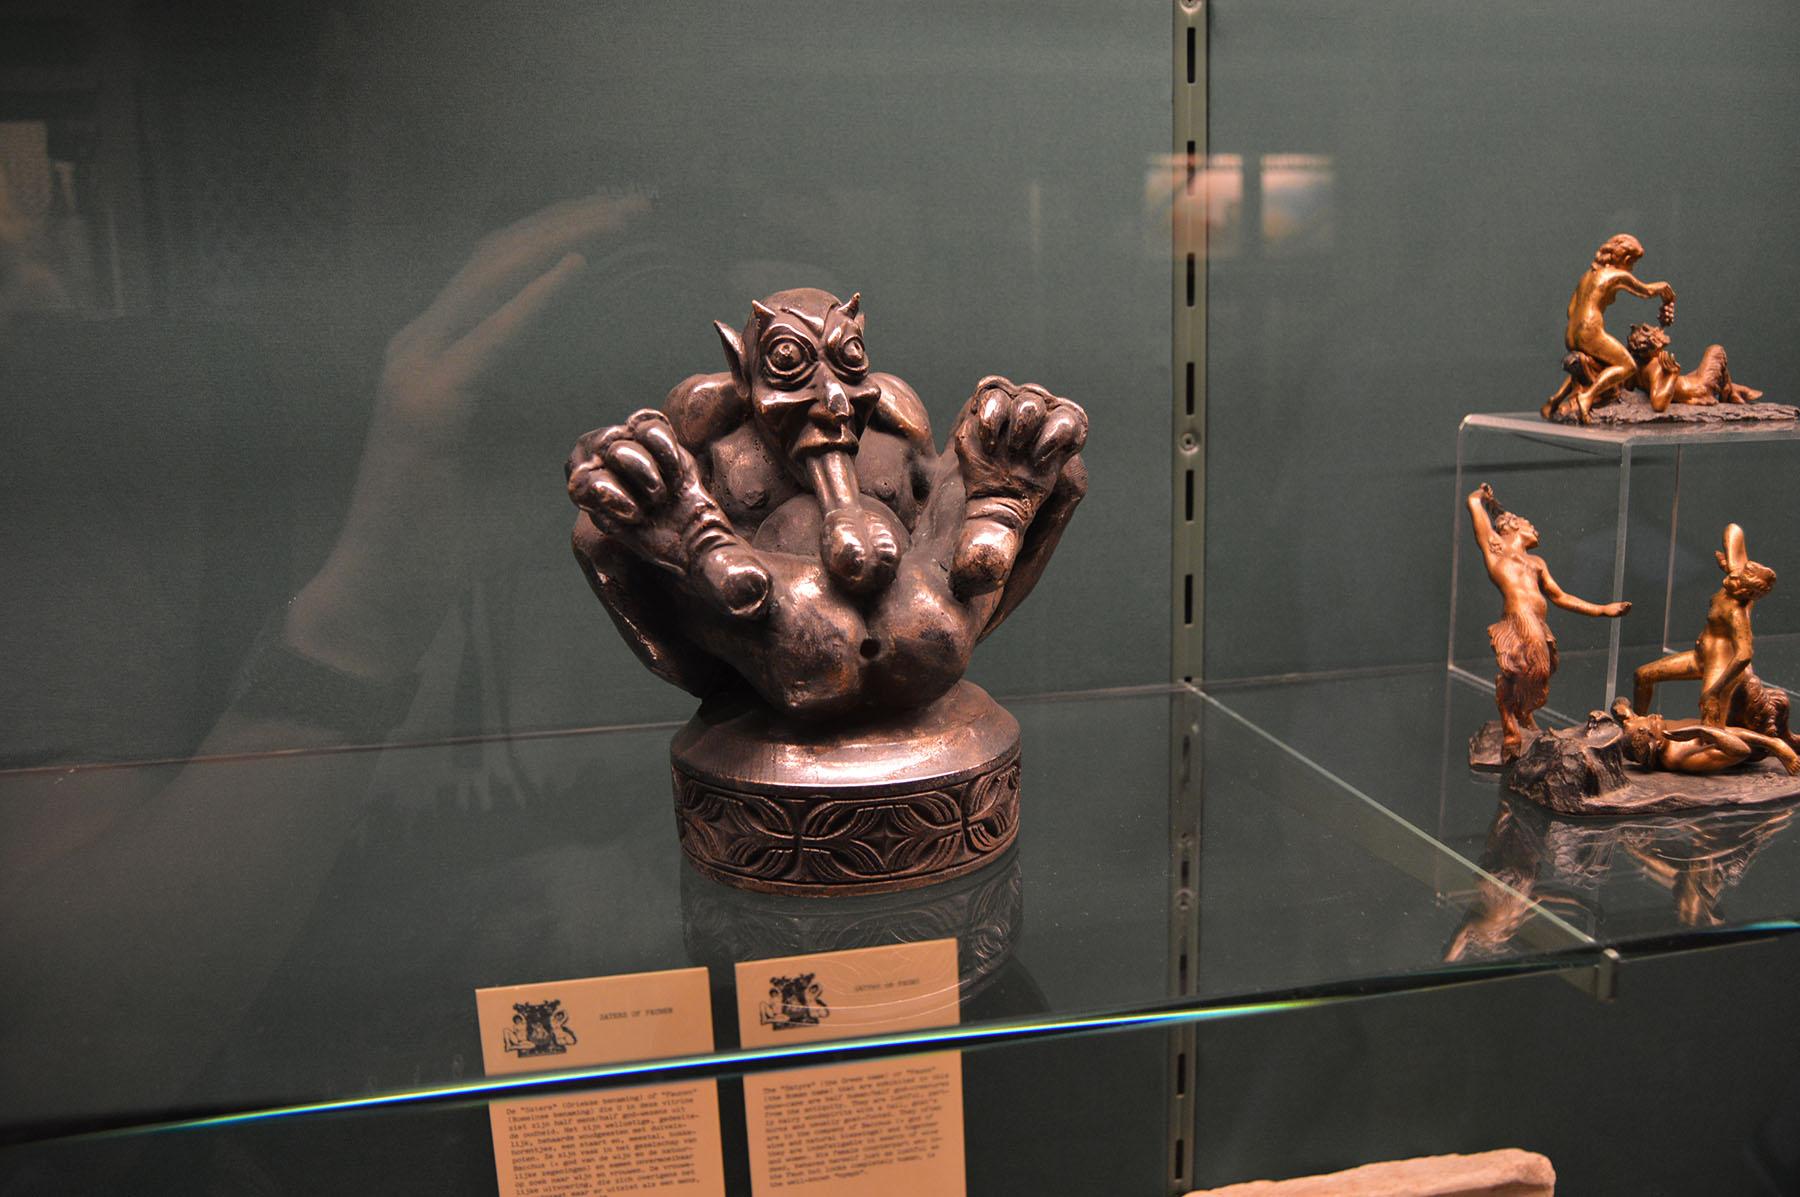 сталкивались этим секс экспонаты и экспозиции пообещала что